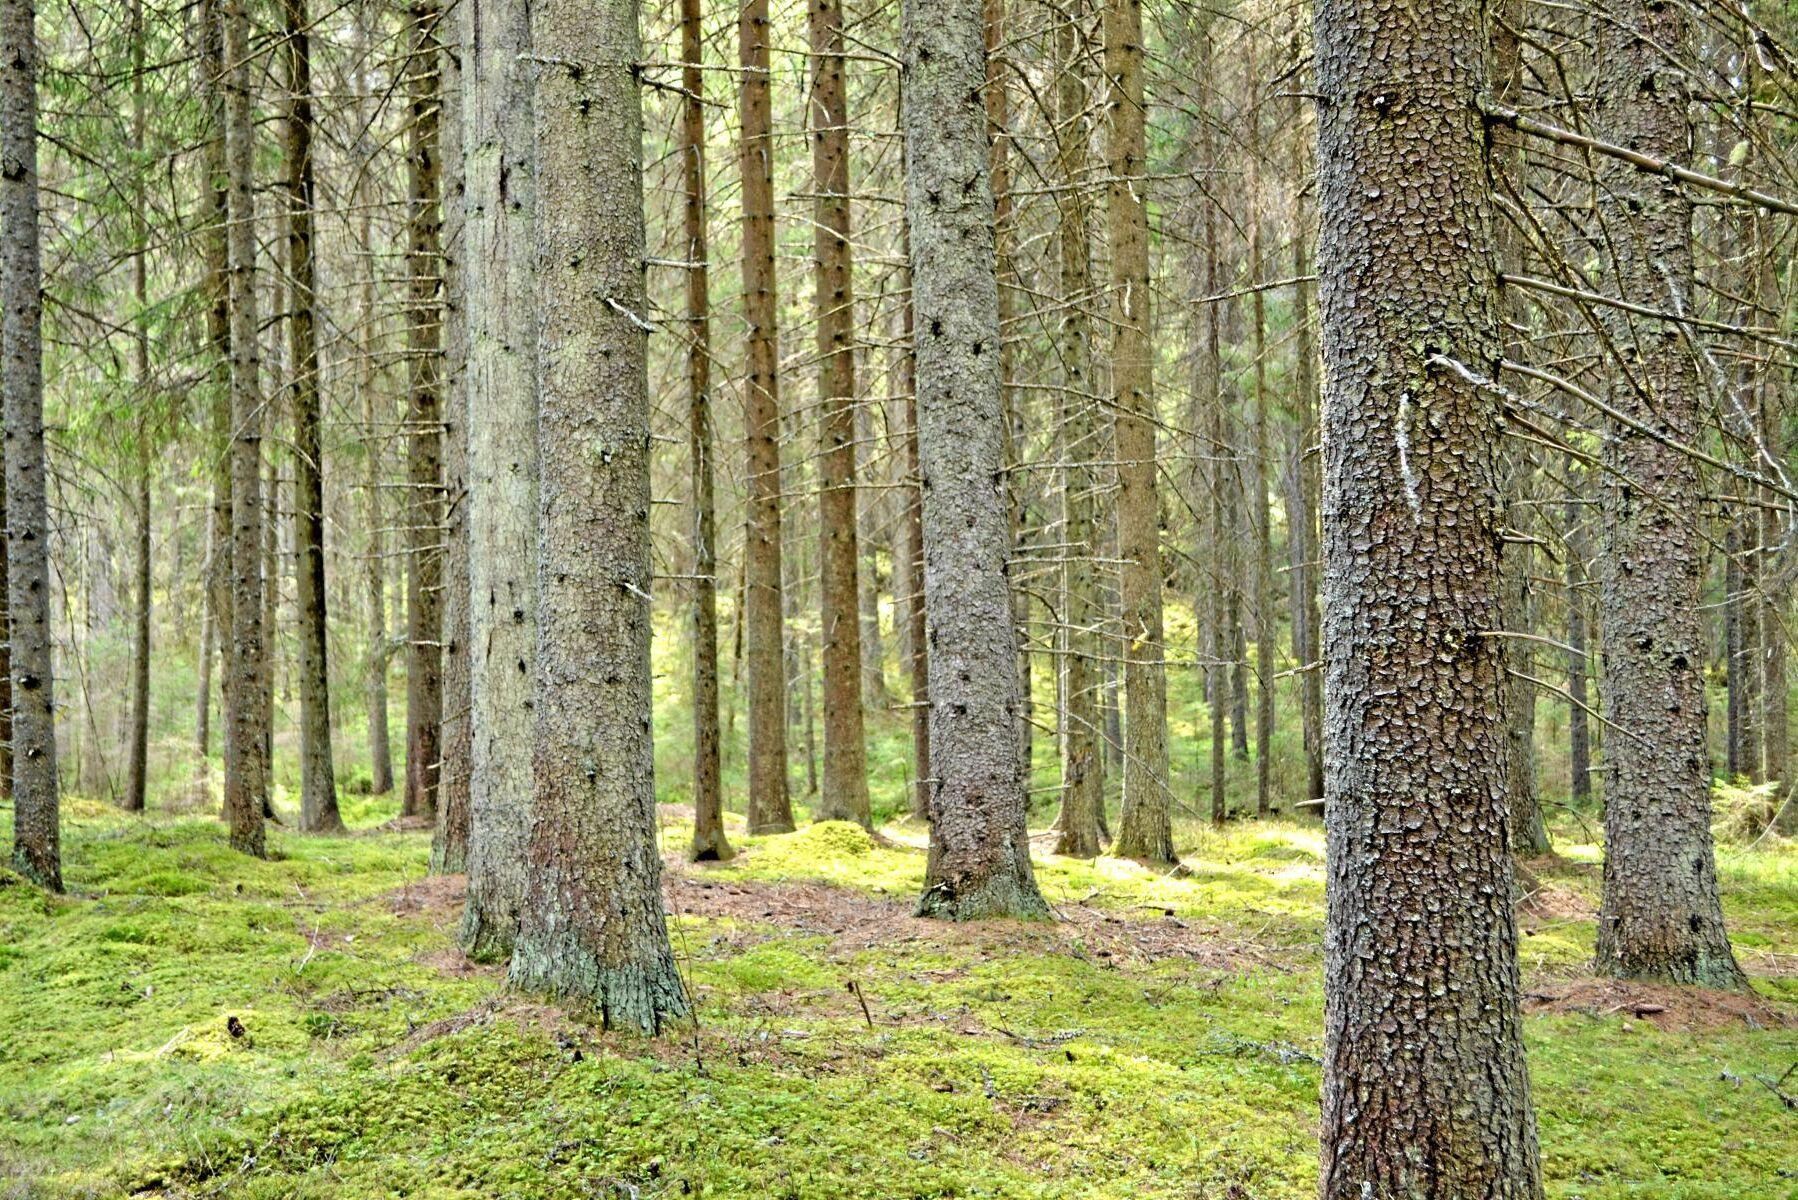 Brist på vatten får trädet att stänga klyvöppningarna vilket stoppa fotosyntesen. Och med stängda klyvöppningar kan träden inte heller kyla ned sig genom avdunstning, vilket i sin tur kan led till torkskador.